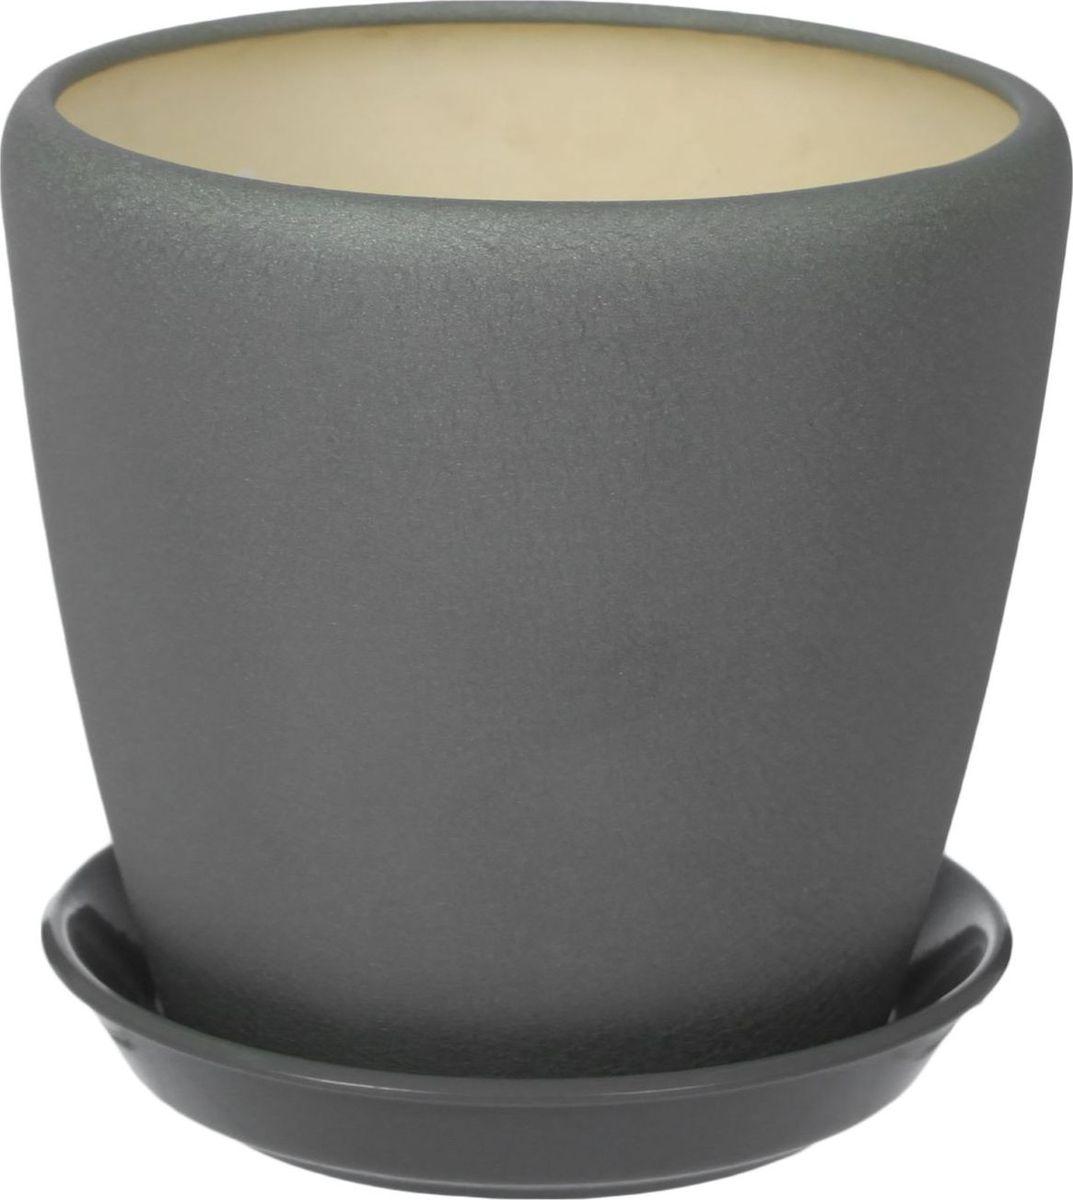 Кашпо Керамика ручной работы Грация, цвет: серебристый, 4,5 л1309272Комнатные растения — всеобщие любимцы. Они радуют глаз, насыщают помещение кислородом и украшают пространство. Каждому из них необходим свой удобный и красивый дом. Кашпо из керамики прекрасно подходят для высадки растений: за счет пластичности глины и разных способов обработки существует великое множество форм и дизайнов пористый материал позволяет испаряться лишней влаге воздух, необходимый для дыхания корней, проникает сквозь керамические стенки! позаботится о зеленом питомце, освежит интерьер и подчеркнет его стиль.